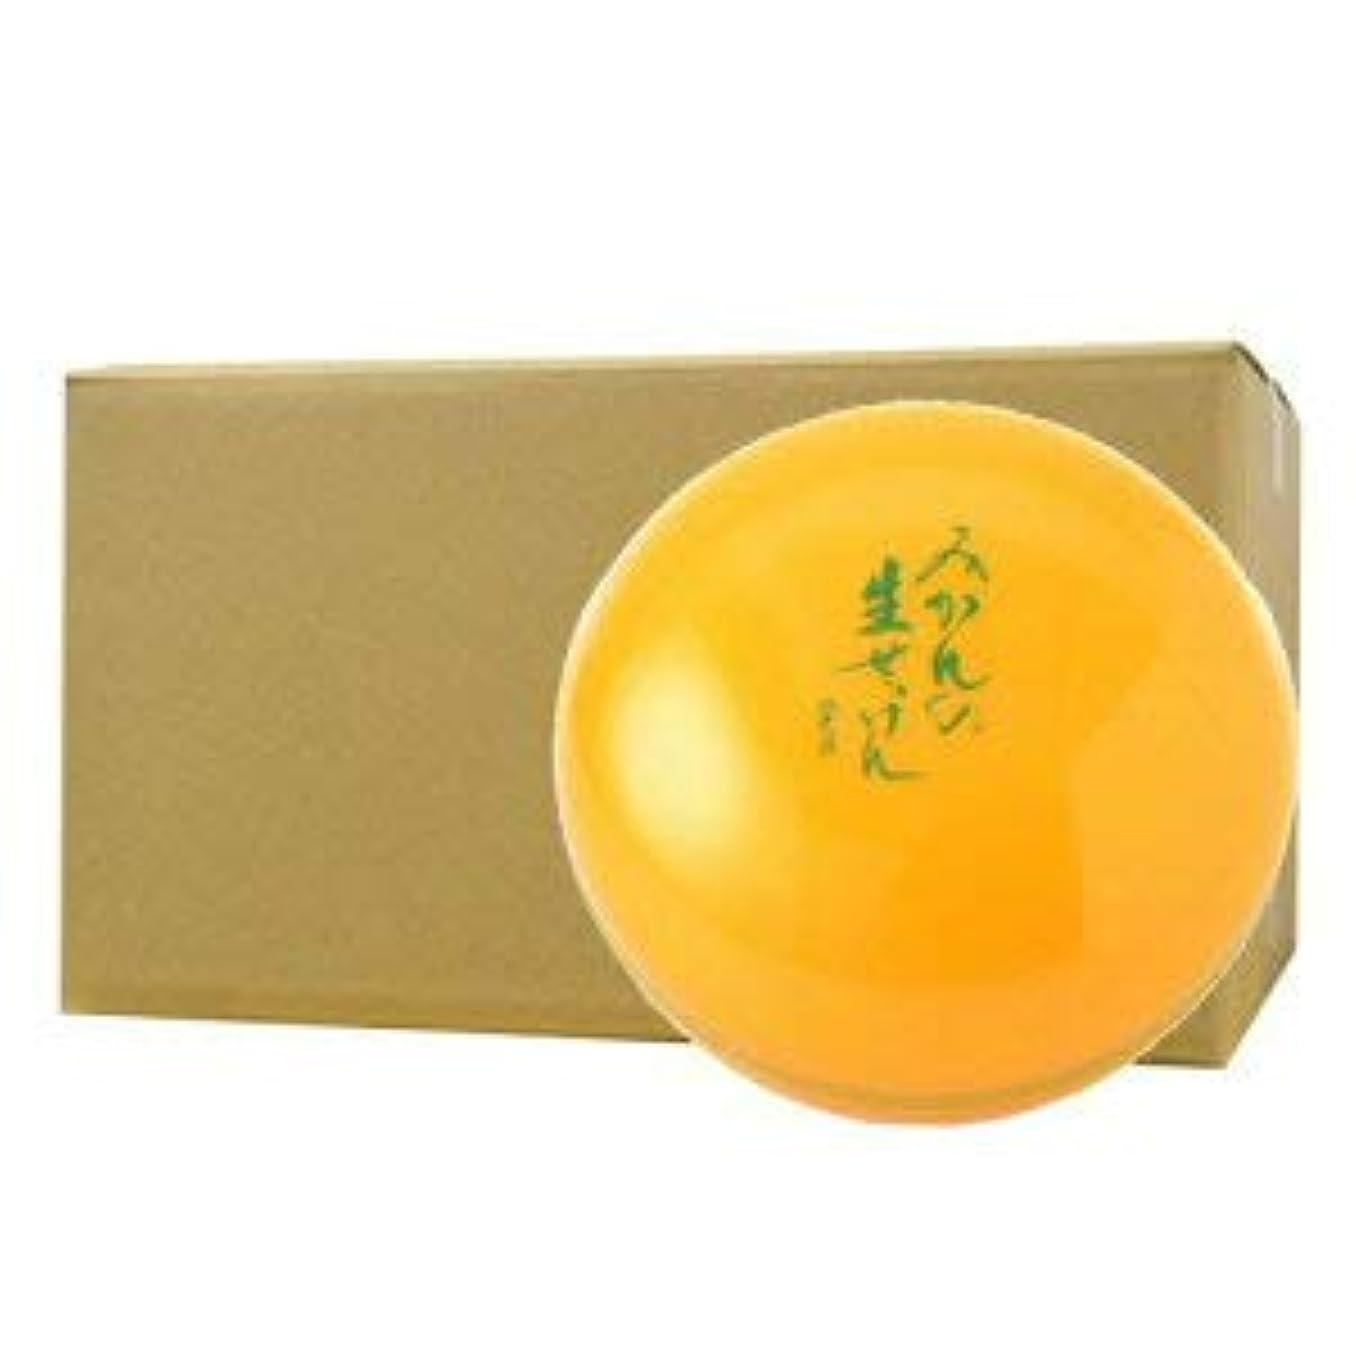 毎年ご予約コショウUYEKI美香柑みかんの生せっけん50g×72個ケース